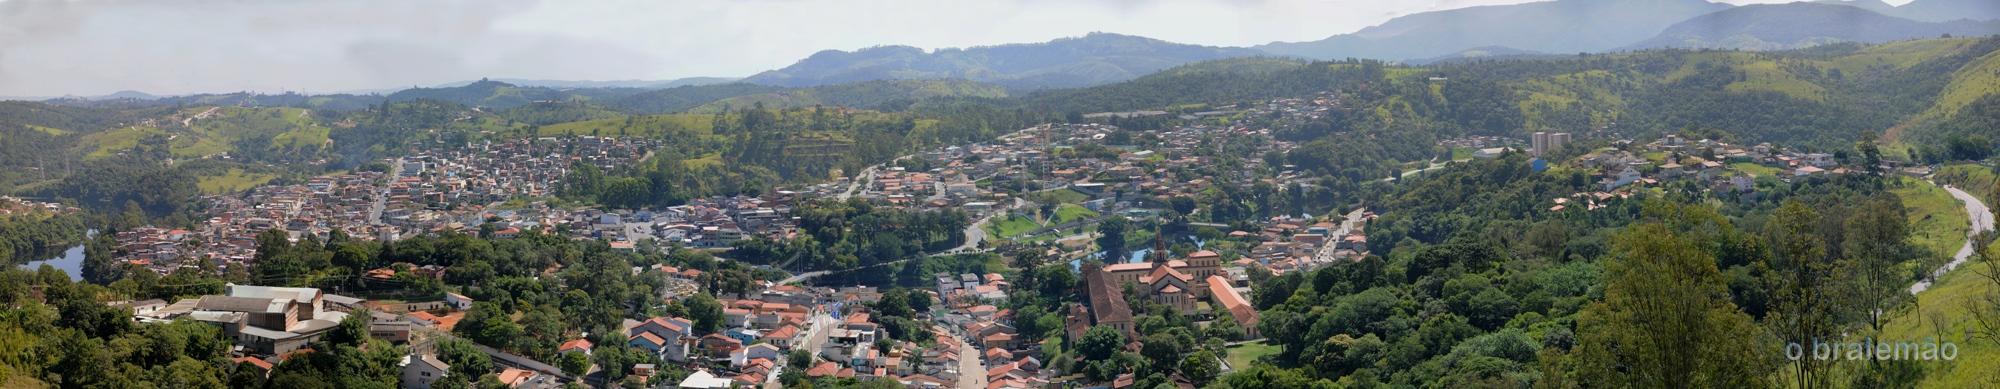 panorama 216 Megapixel - Pirapora do Bom Jesus - Estrada dos Romeiros (SP)